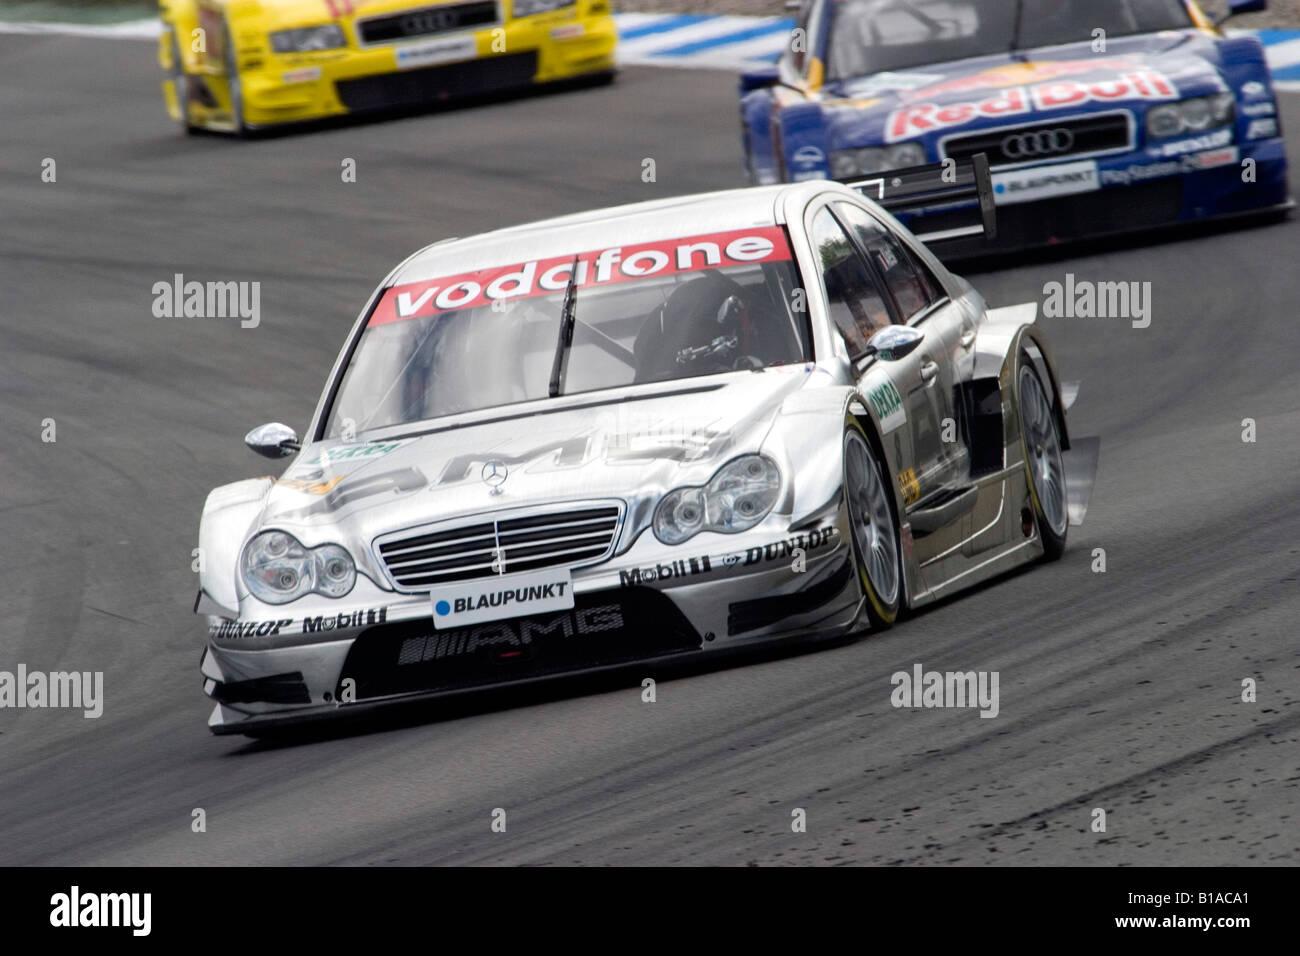 Jean Alesi, FRA, AMG-Mercedes, DTM, Hockenheim, 18.04.2004 Stockbild